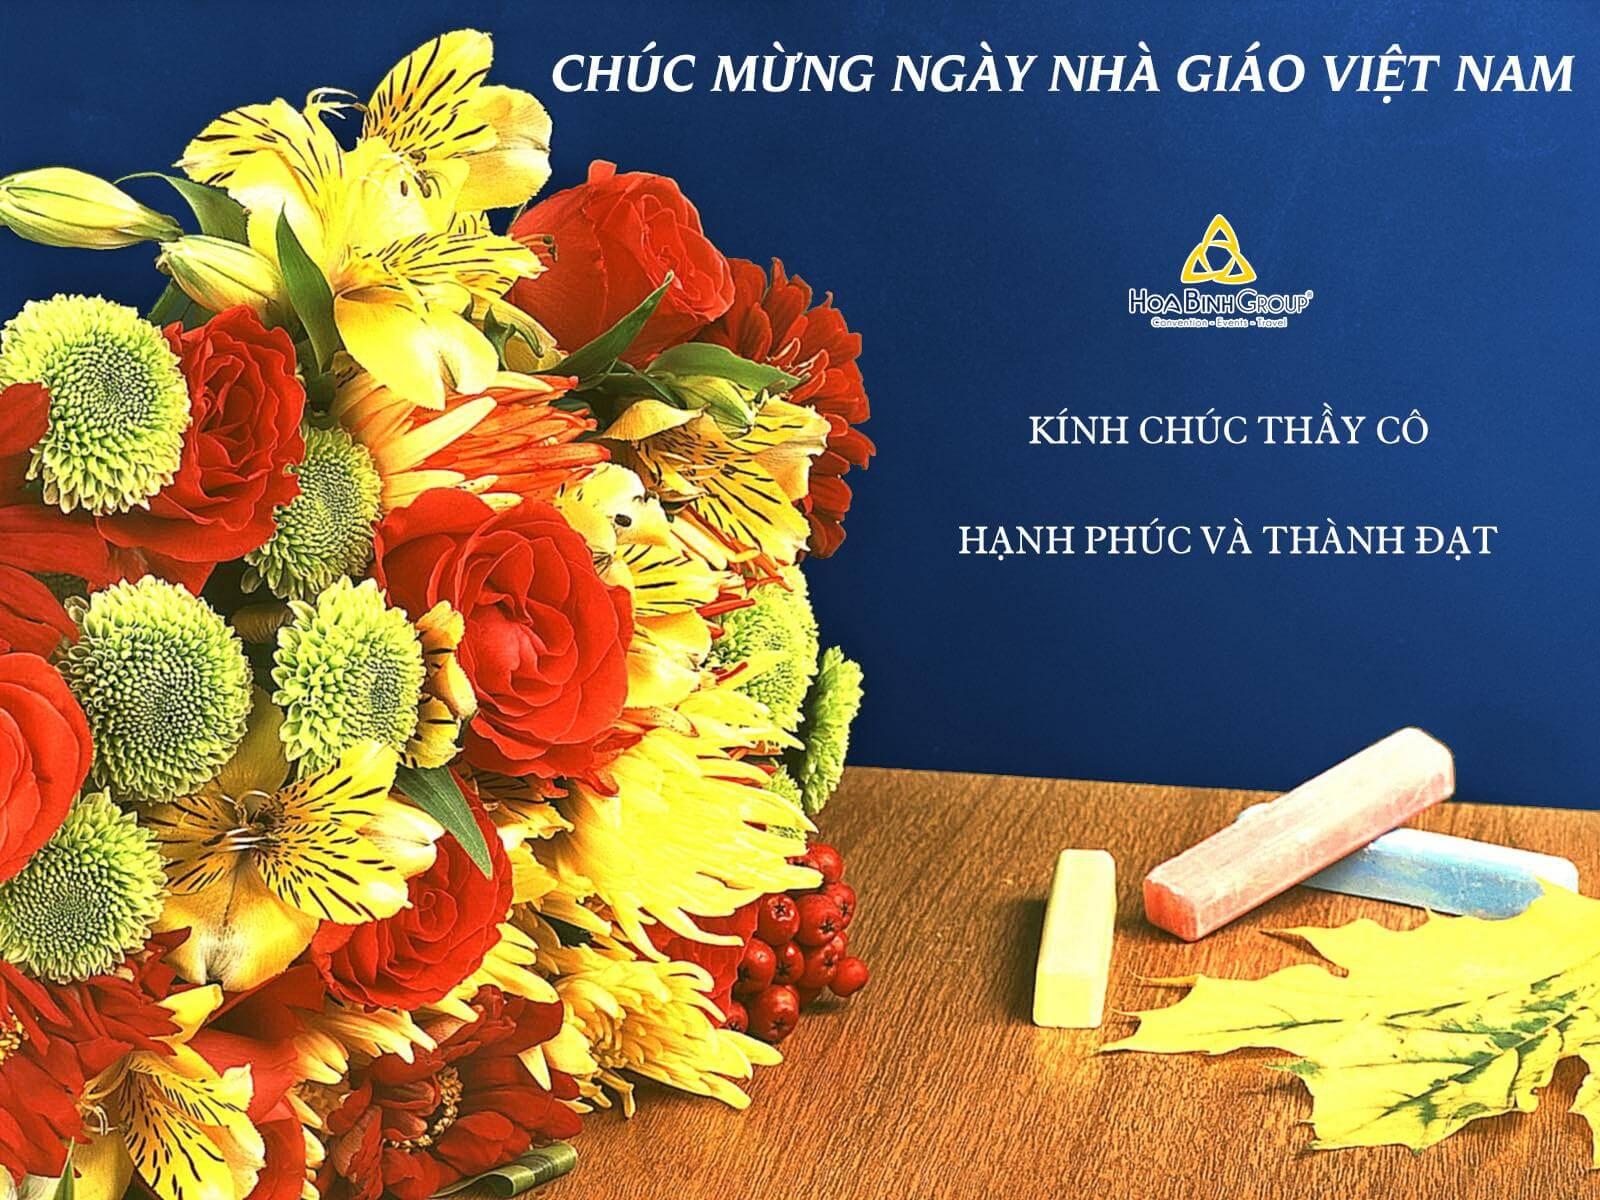 Ưu đãi chào mừng ngày nhà giáo Việt Nam